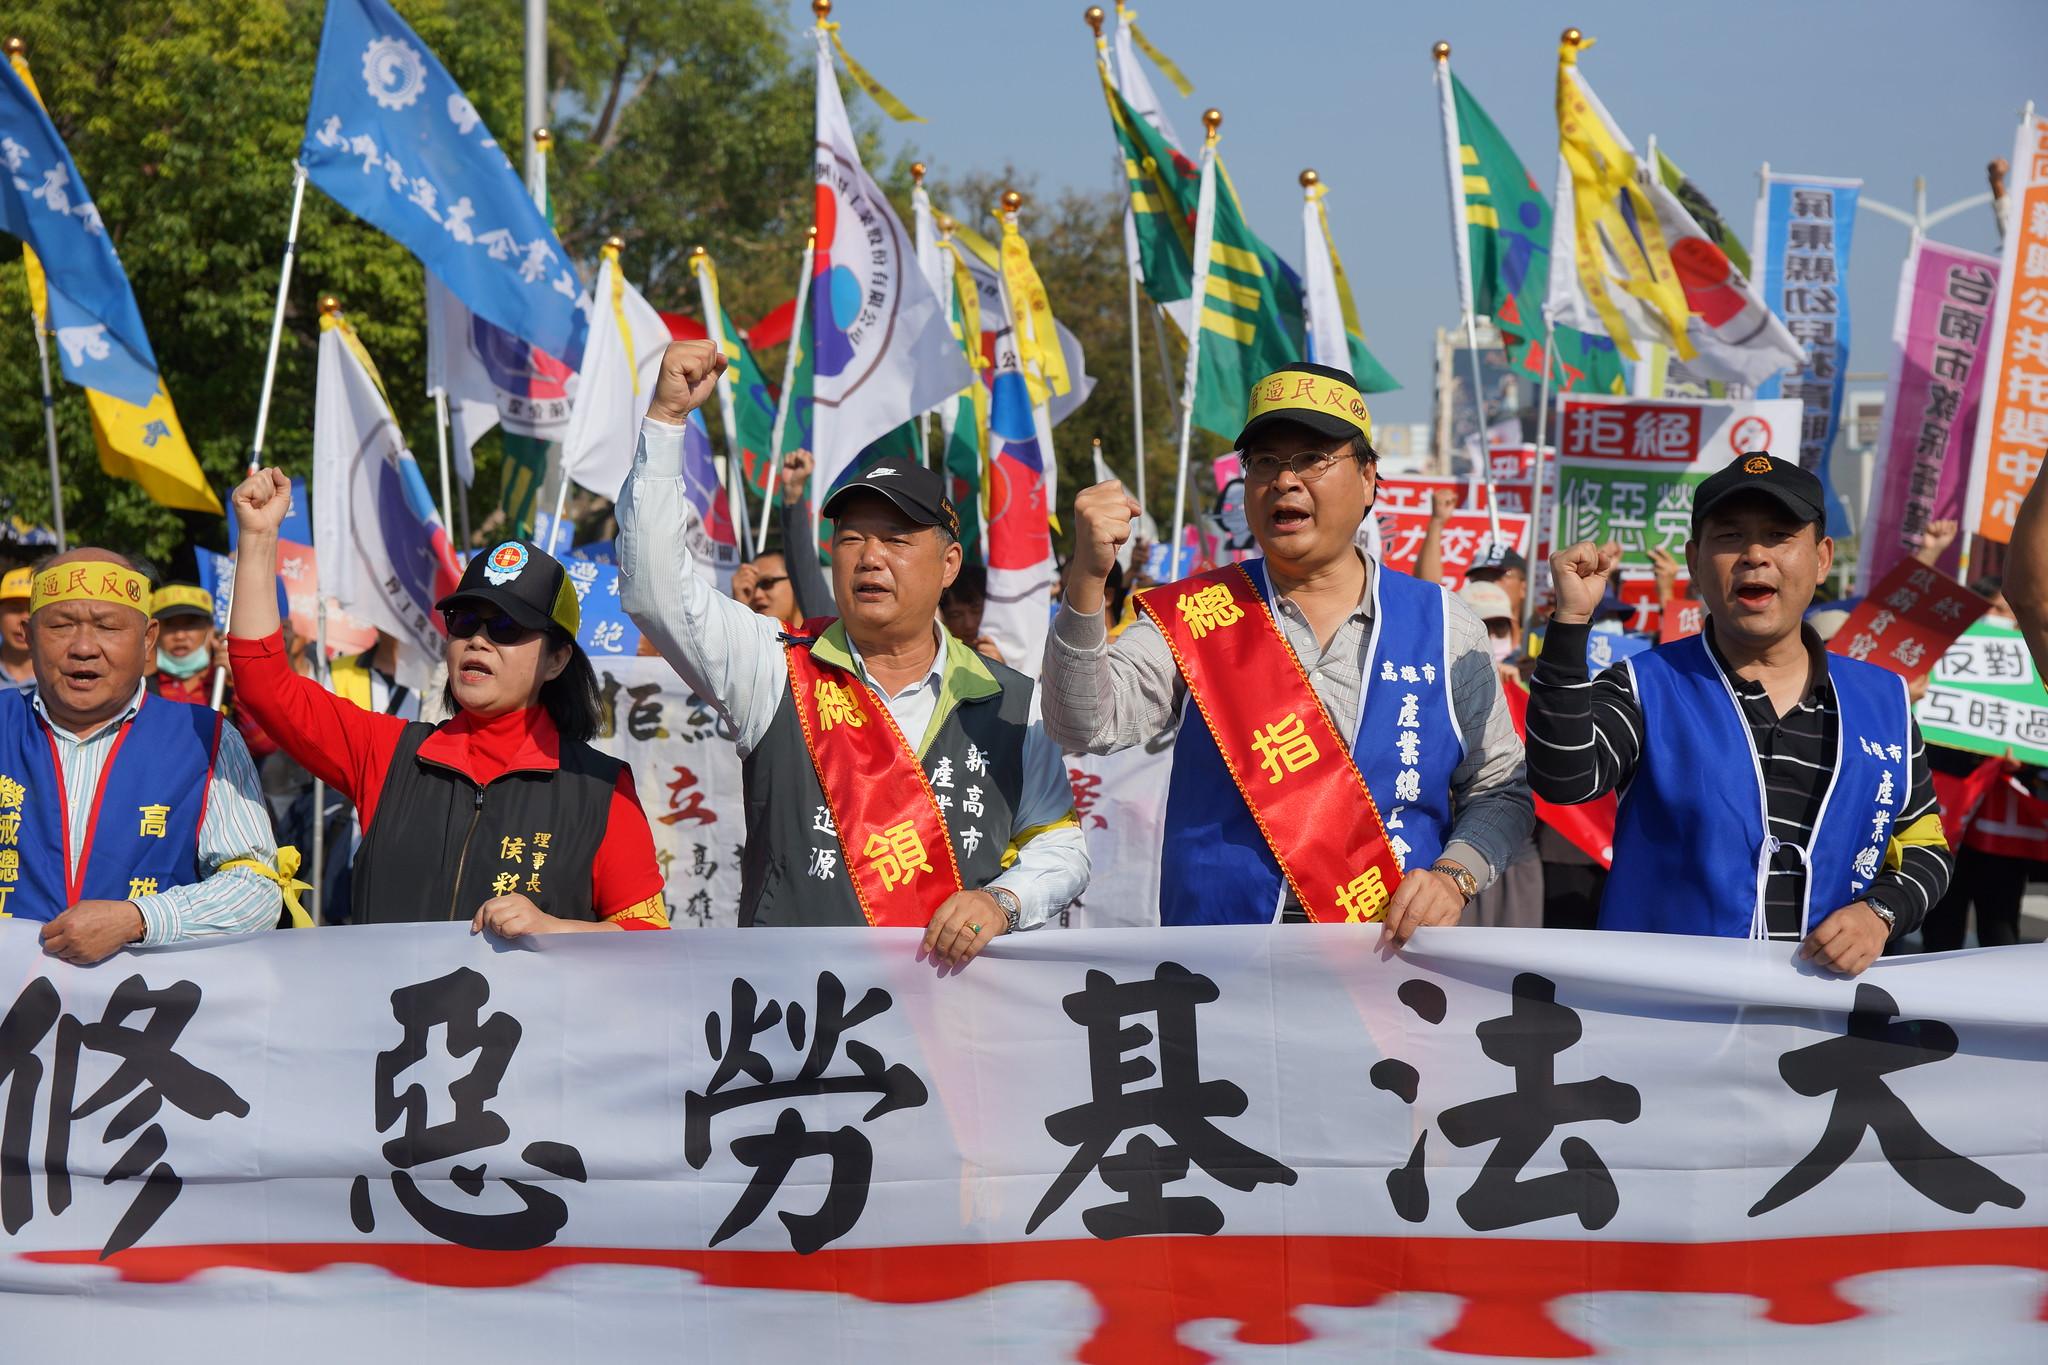 南部工會今日站上街頭,傳達南部勞工不想過勞的心聲。(攝影:王顥中)